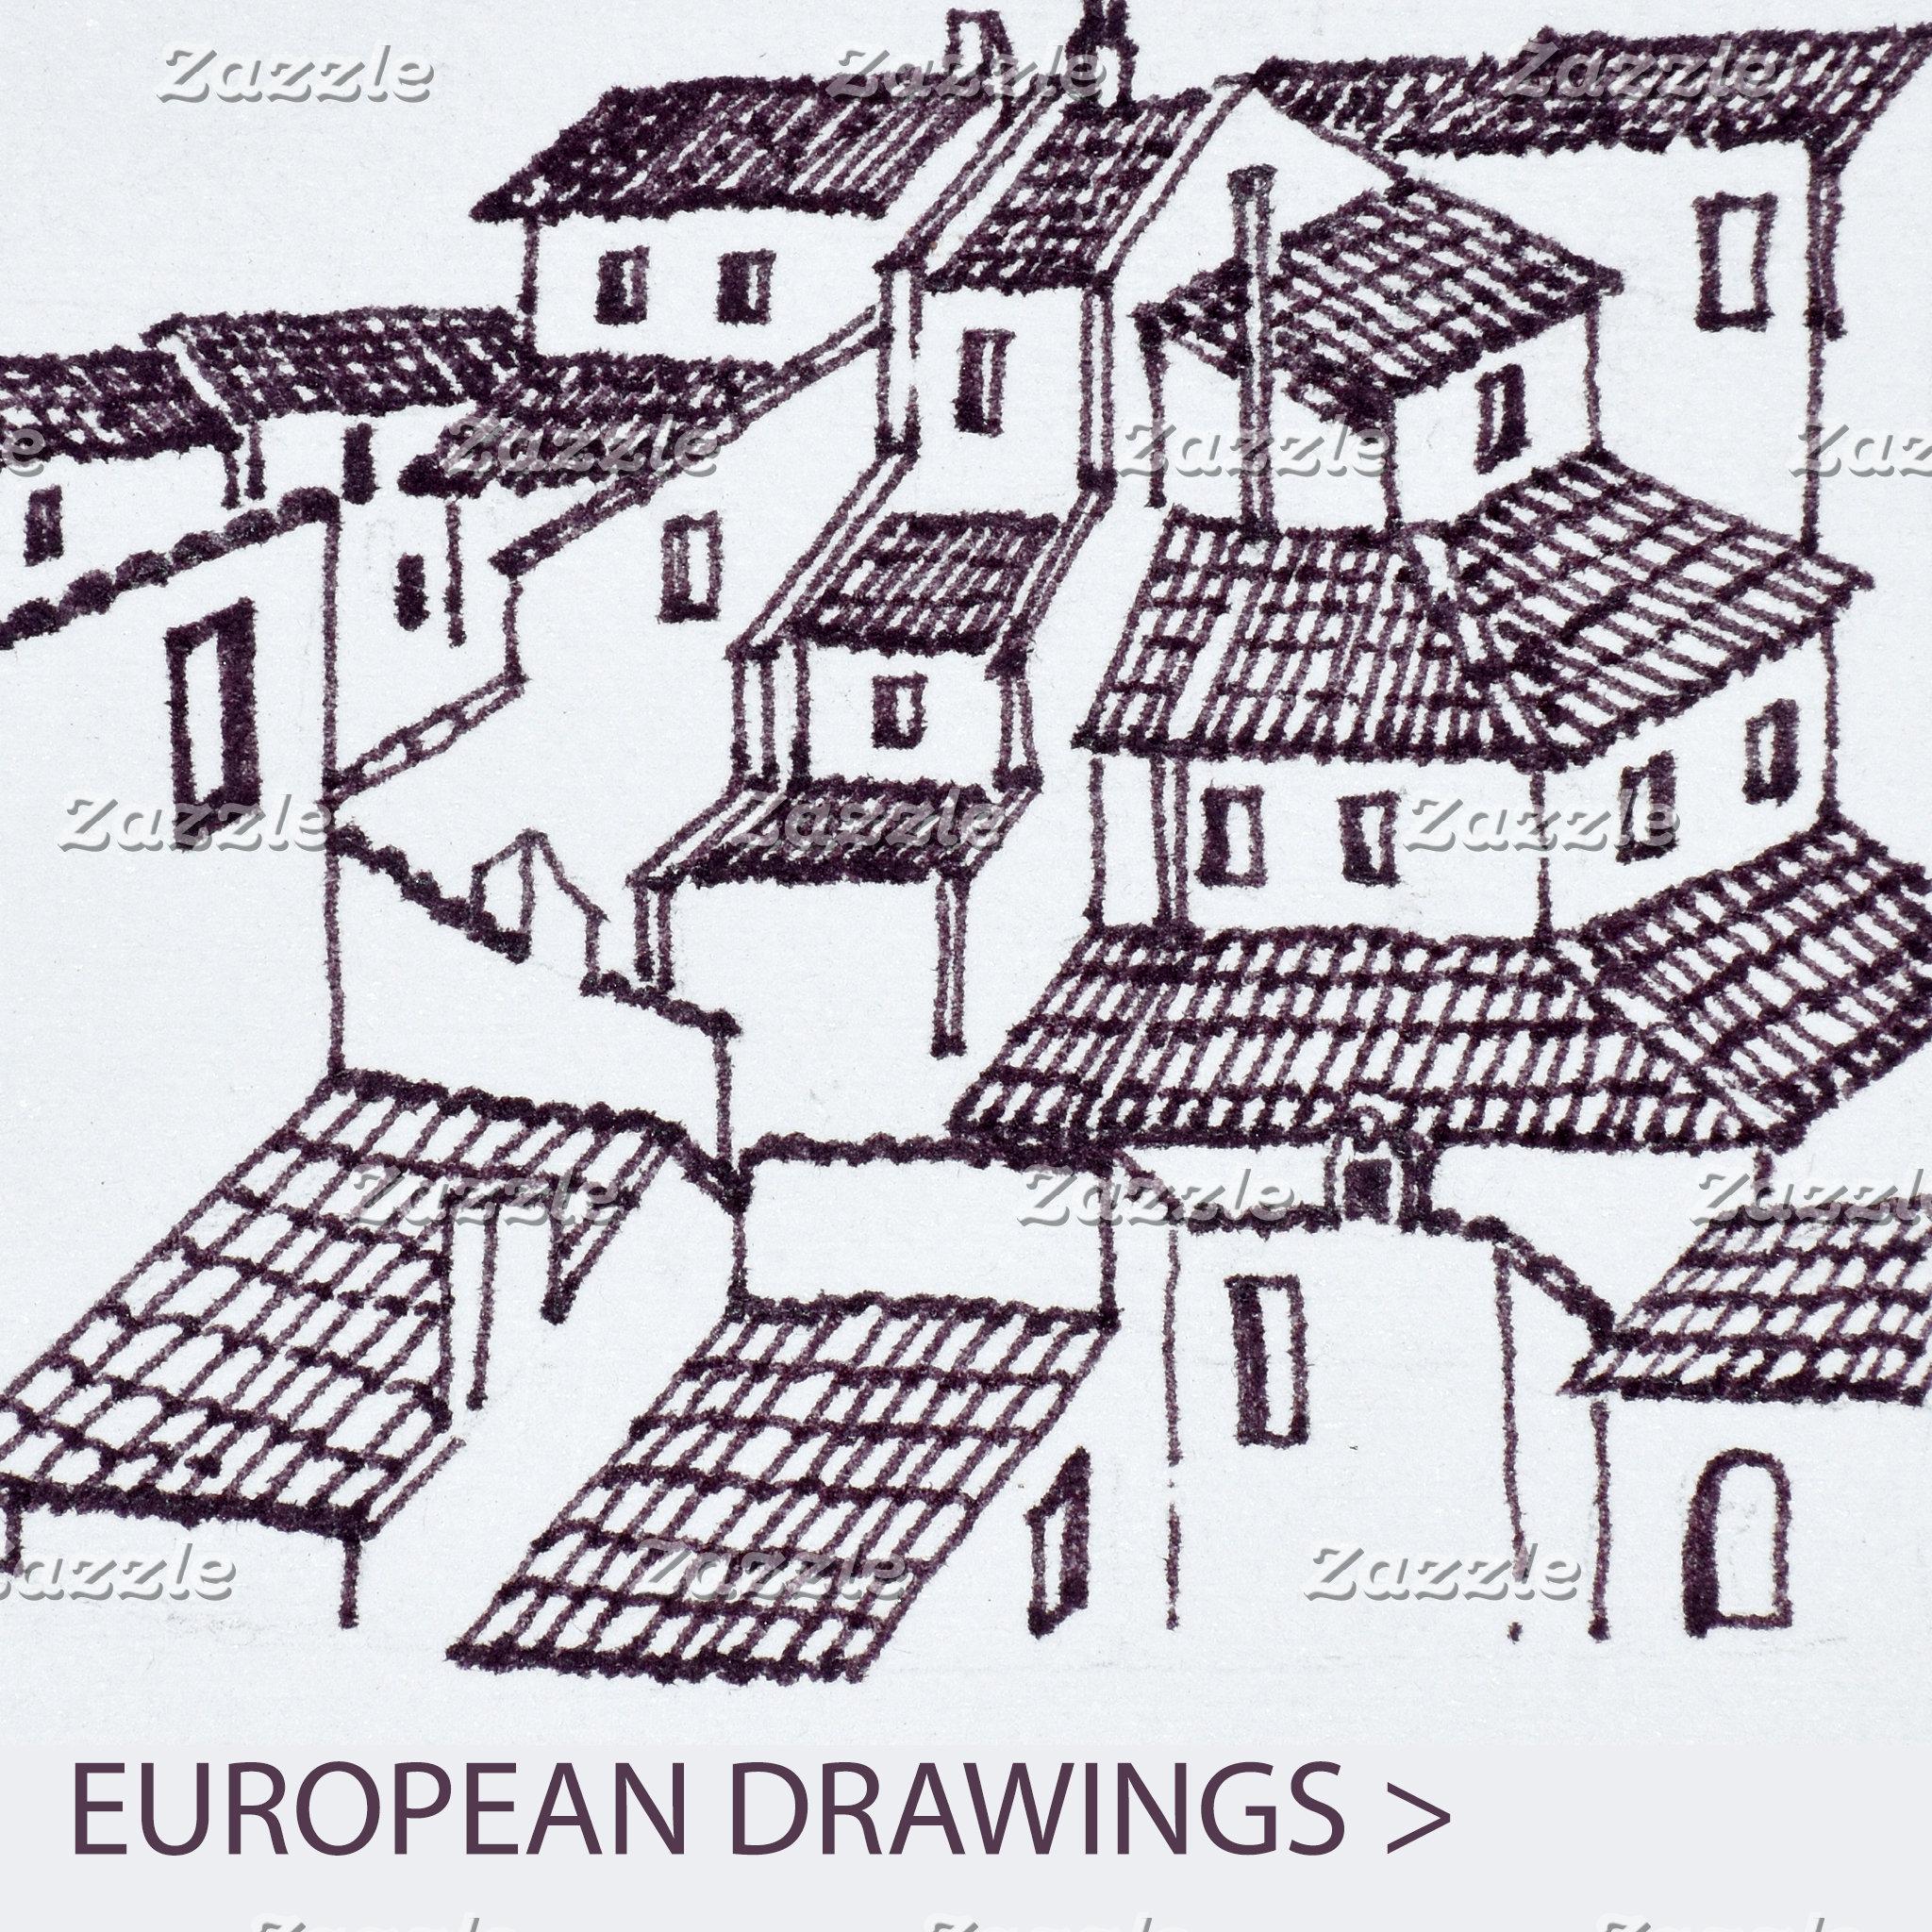 European Drawings